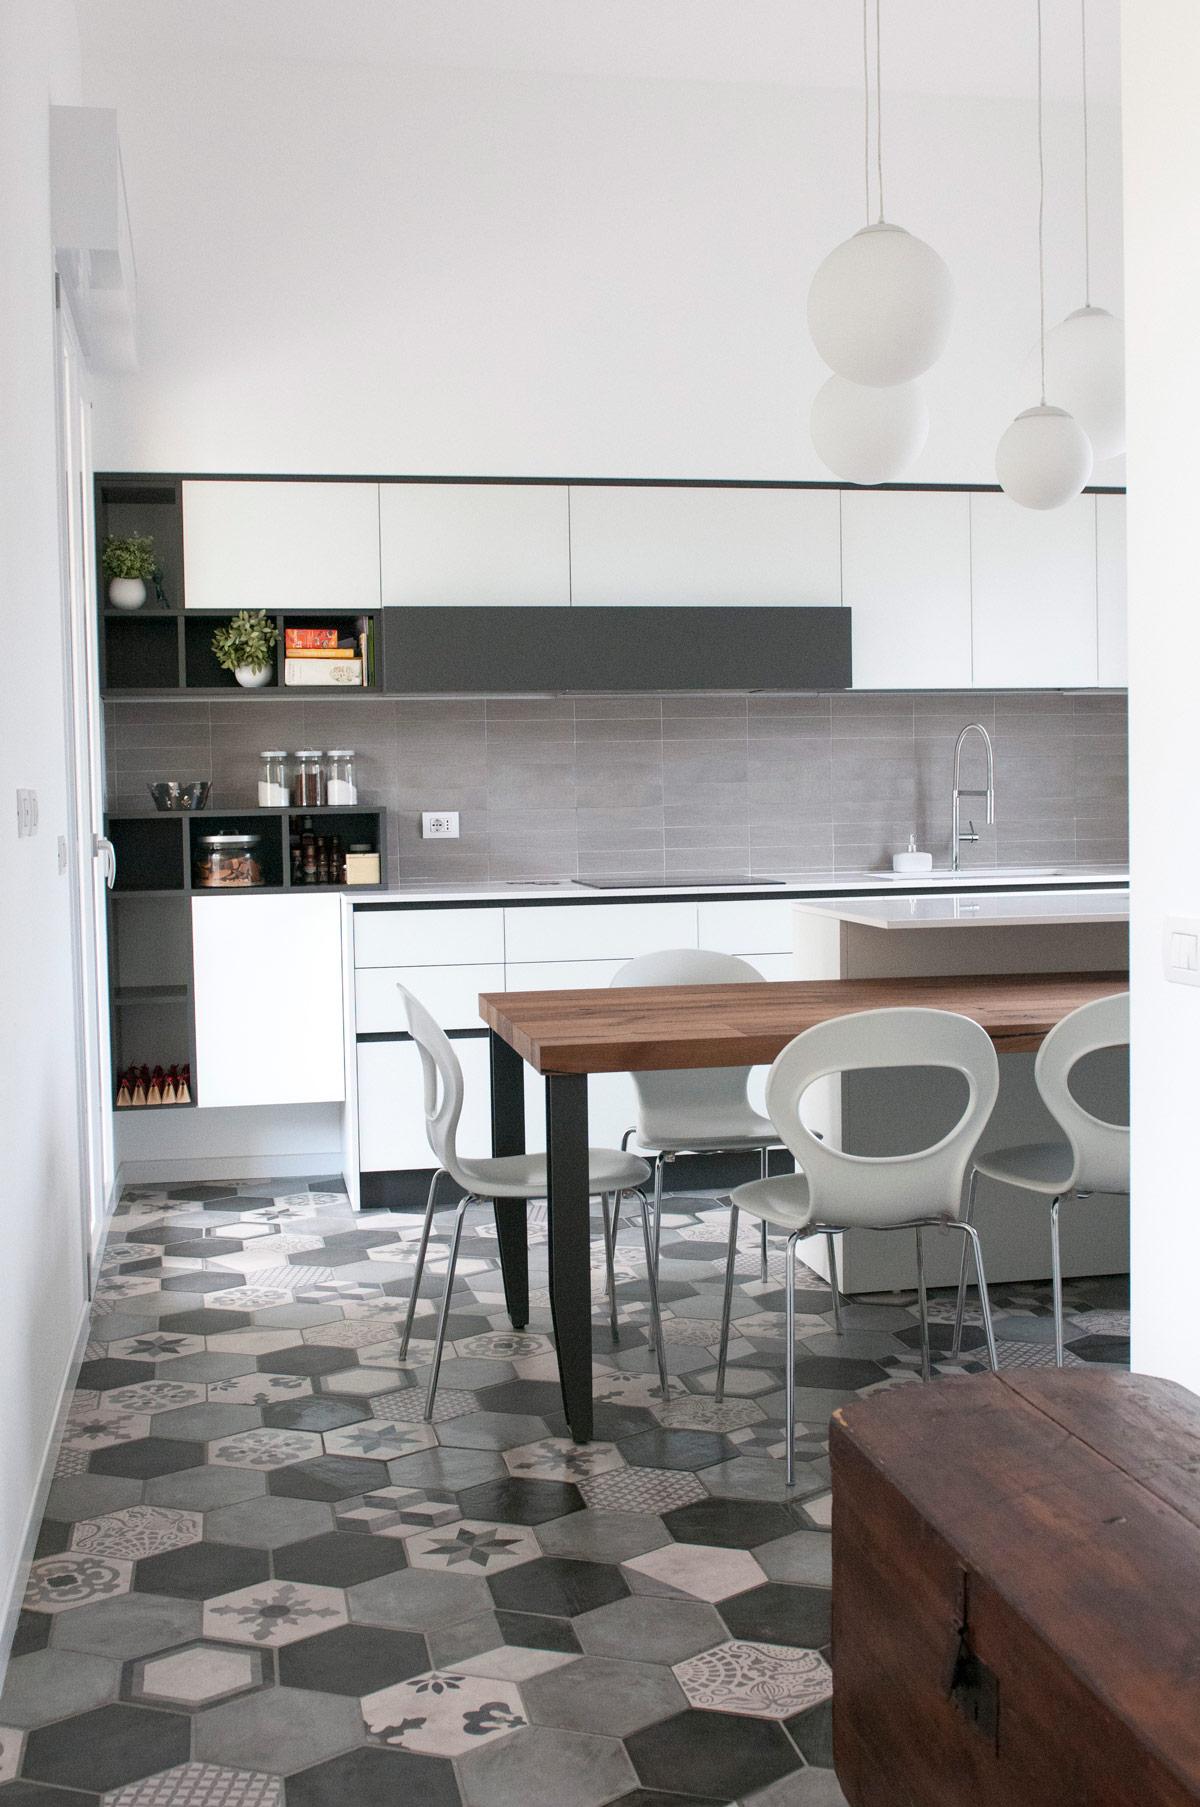 Cucina moderna con pavimento in cementine